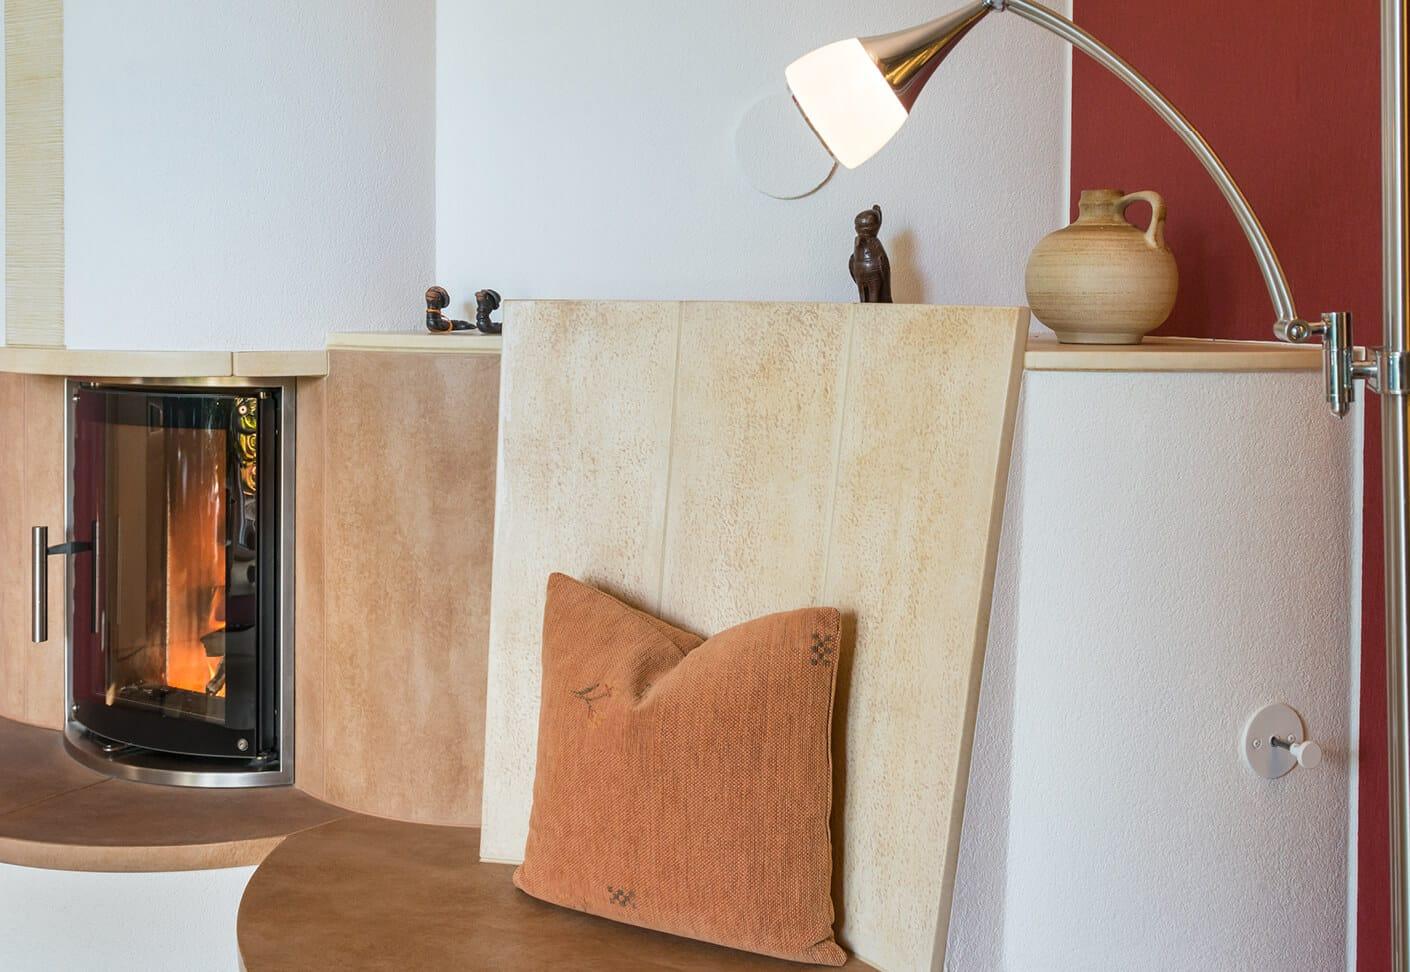 Runder Speicherofen, teilweise mit braunen Fliesen vor einer roten Wand